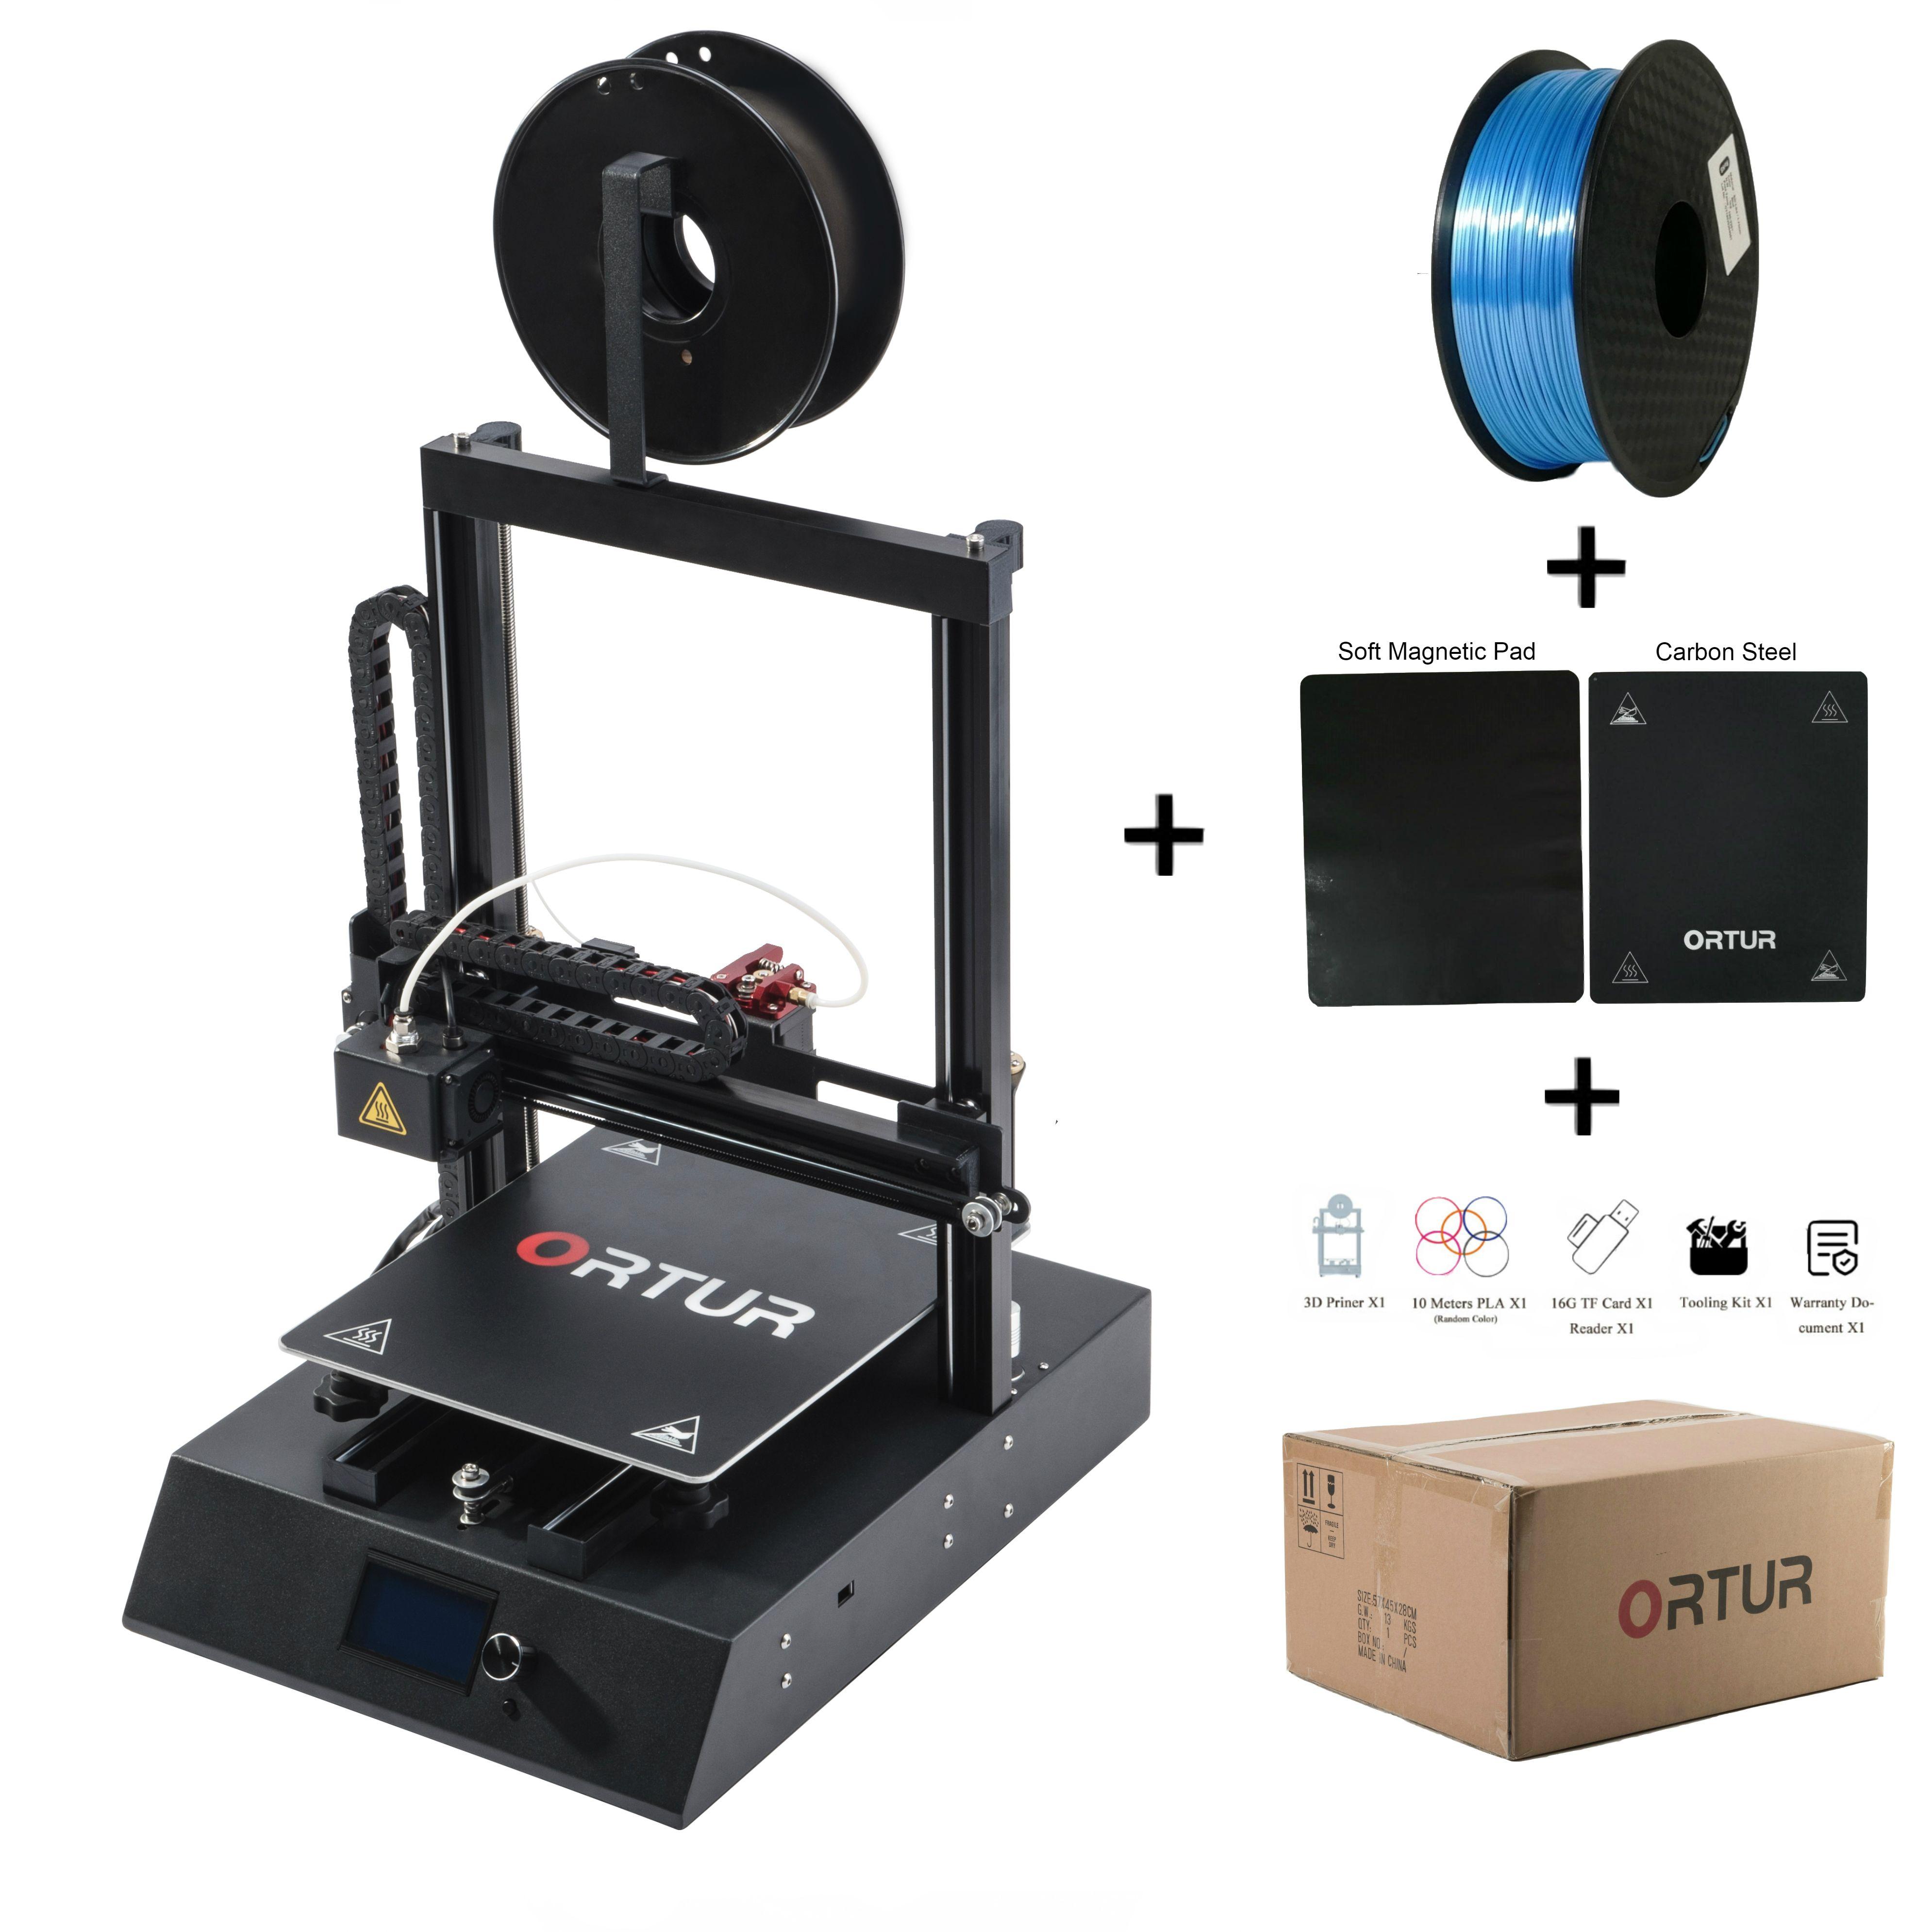 Geeignet für Anfänger Ortur4 Metall 3D Drucker Drucken DIY Kit Magnetische Bauen Plattform Impresora 3d Linear Guide Schienen 3d Drucker